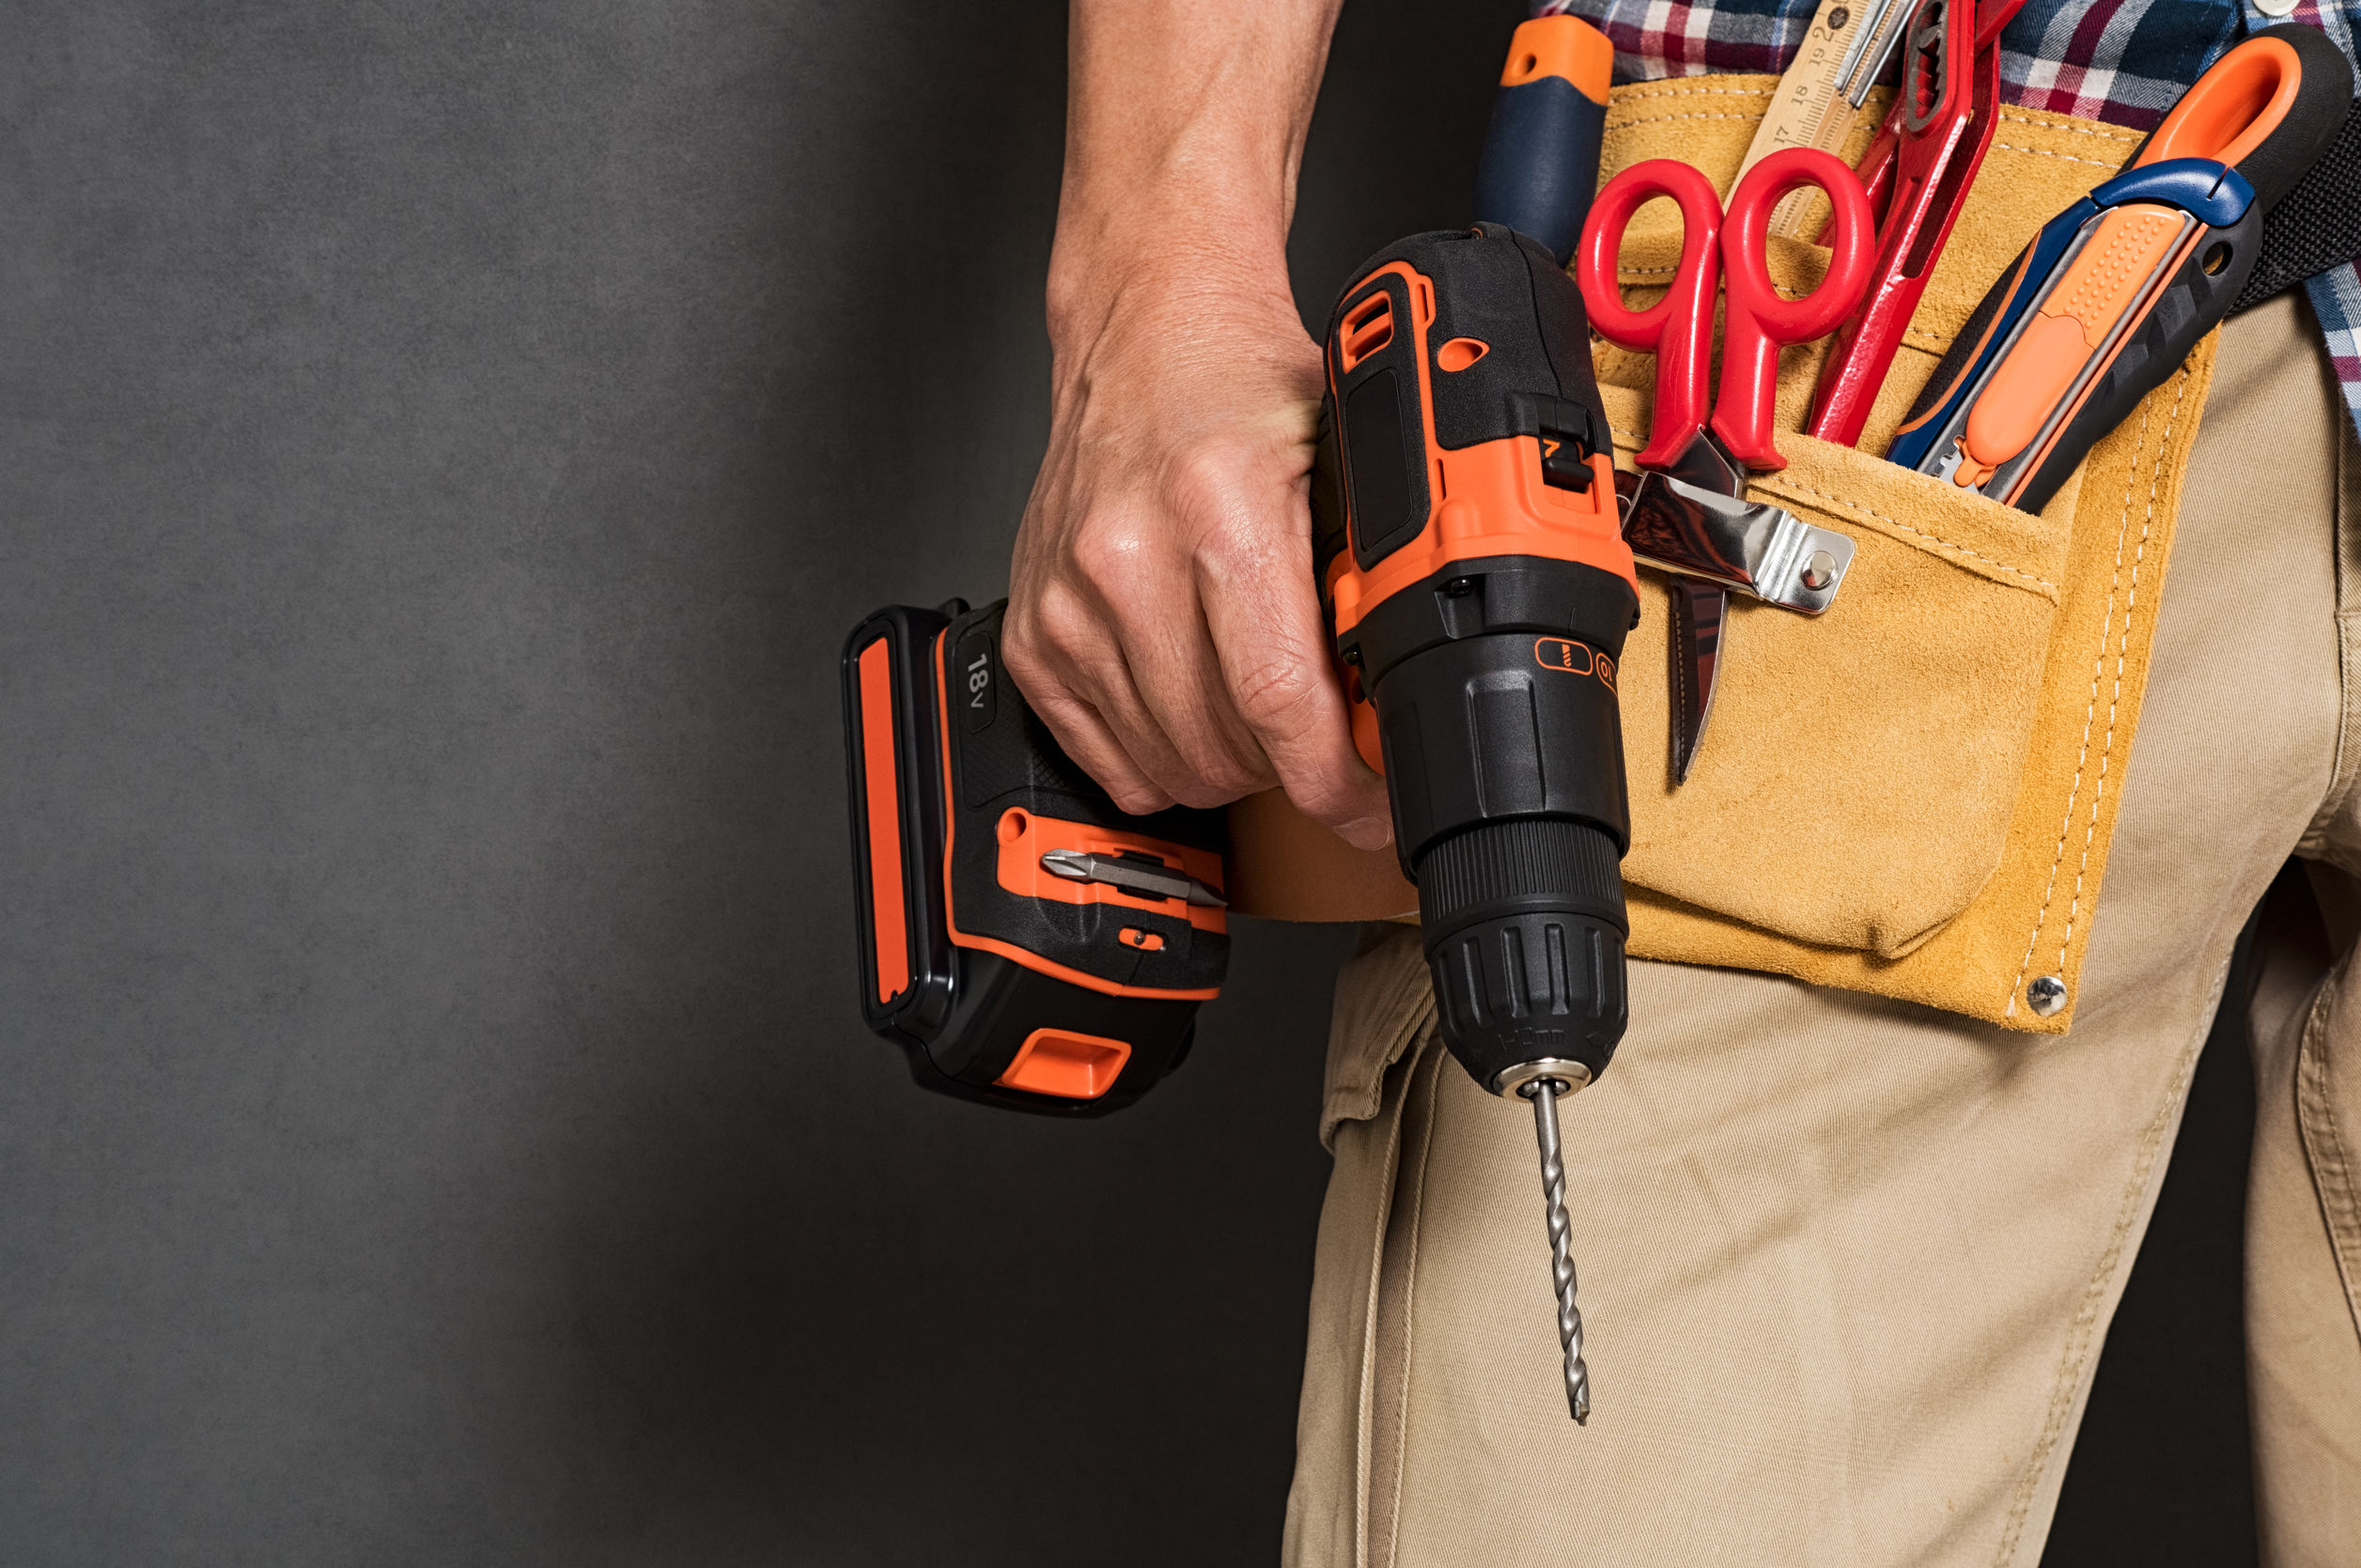 Hombre con cinturon de herramientas sostreniendo raladro